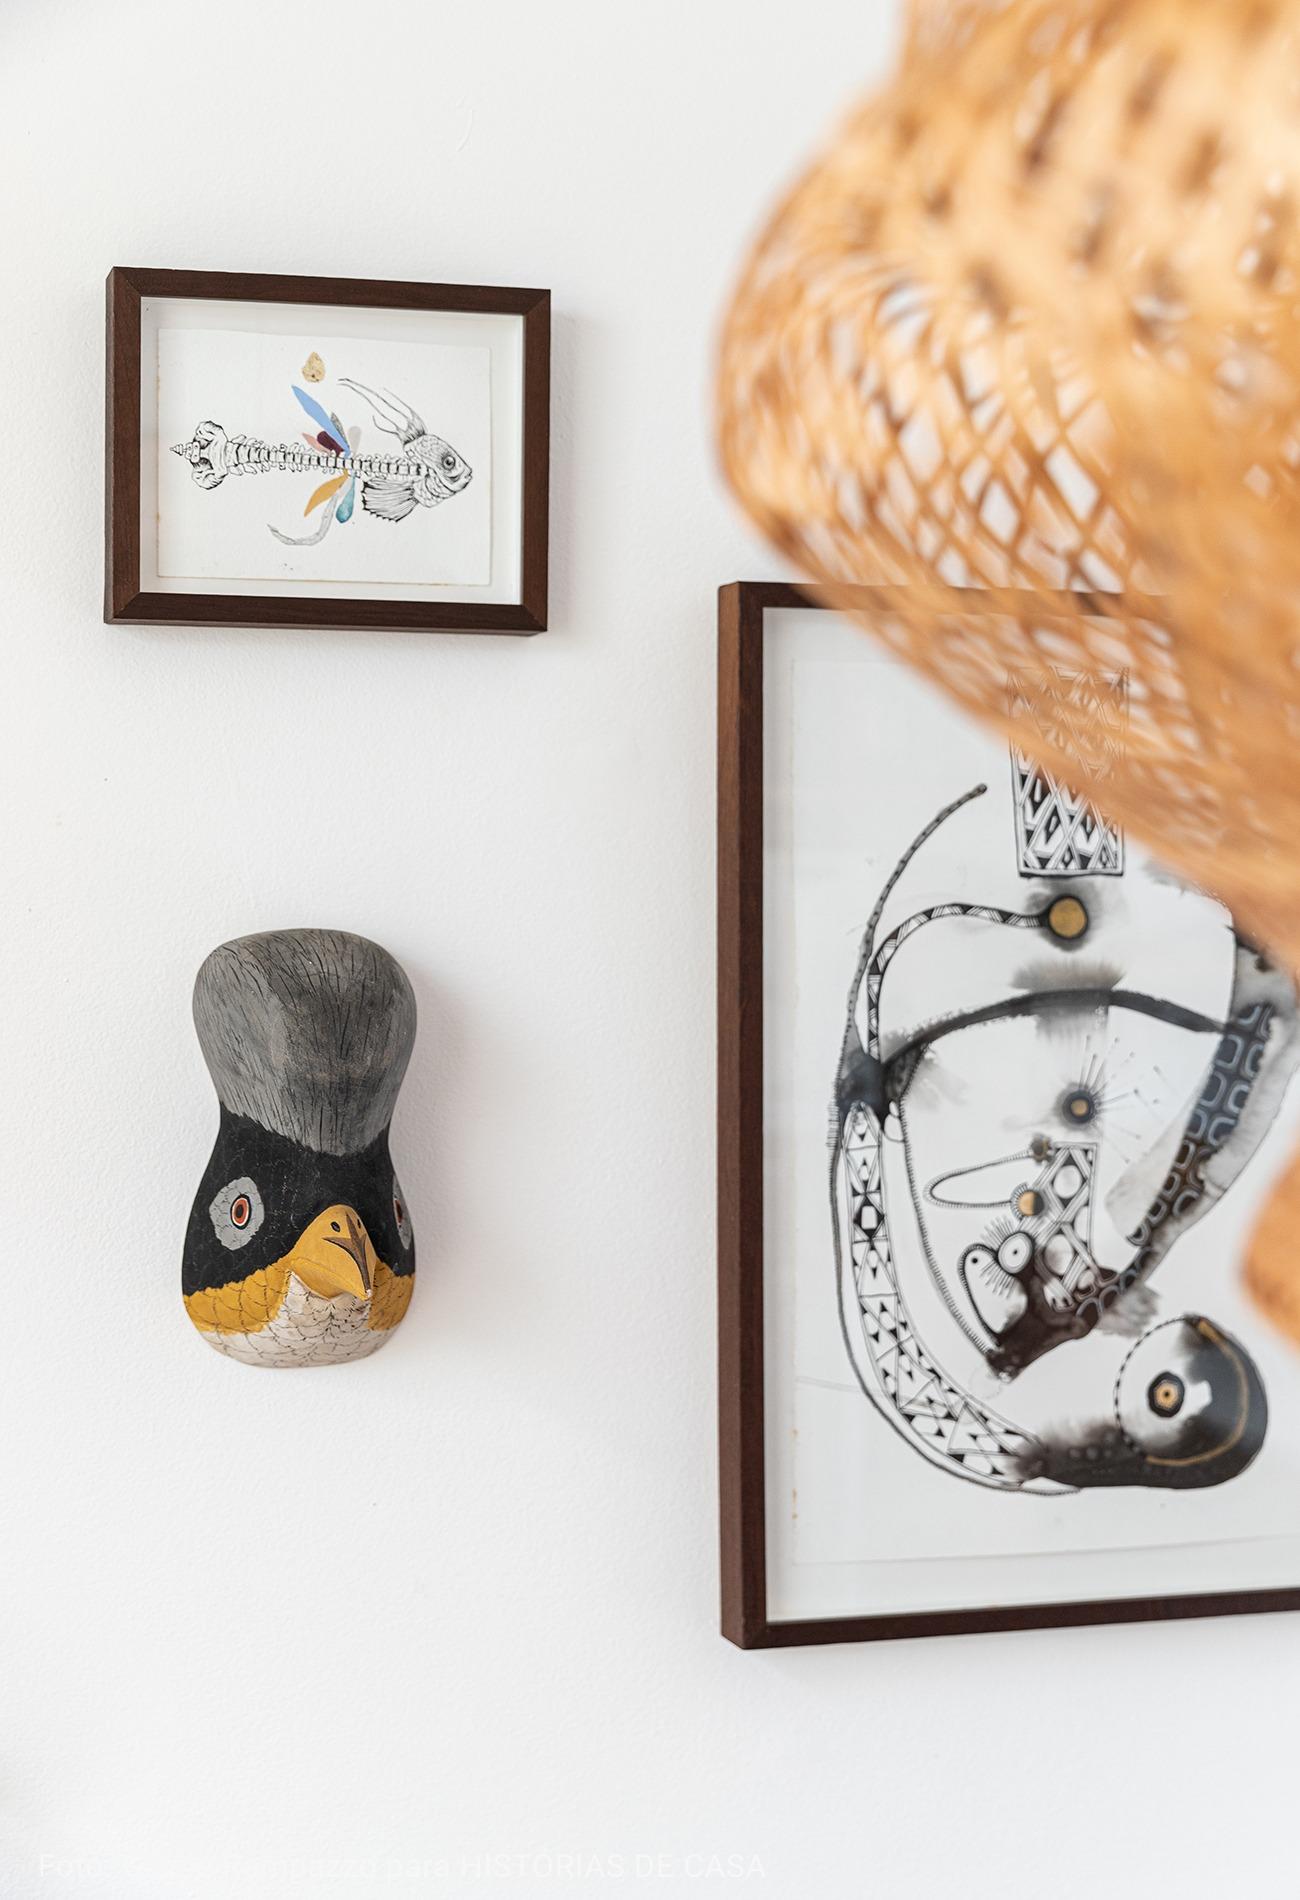 detalhe de quadros com estatua de penguim